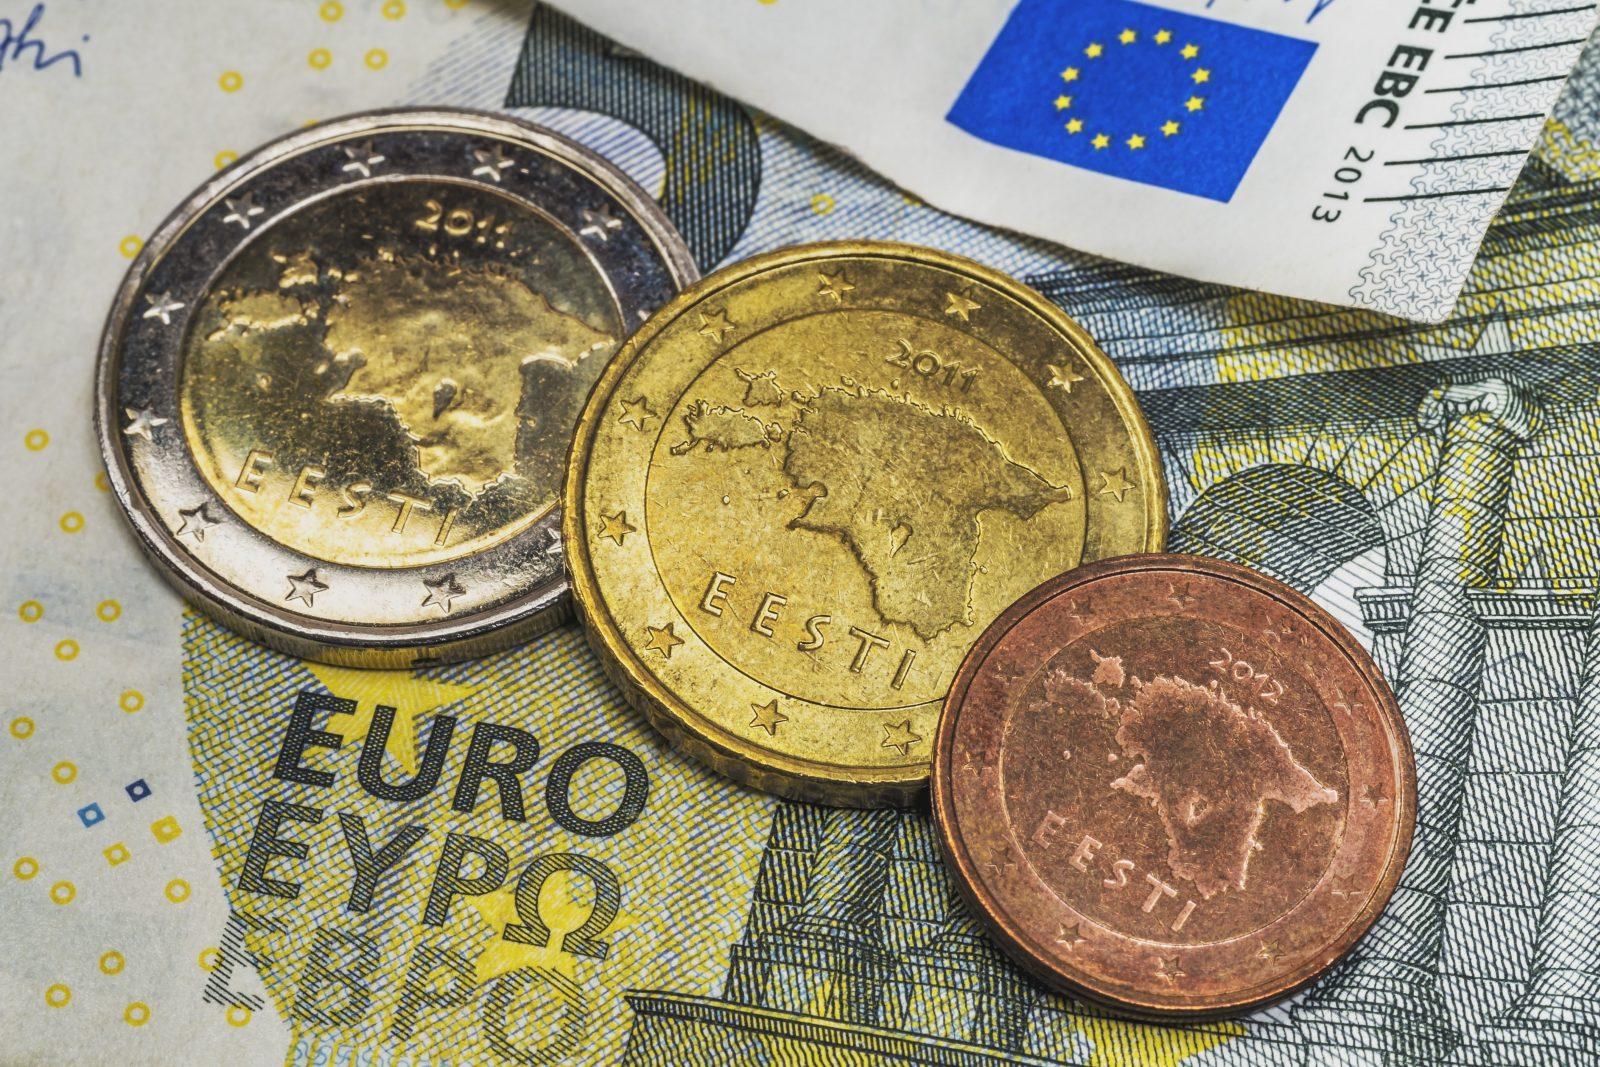 Steuern: Belastung in Deutschland konstant hoch Foto: picture alliance/Zoonar